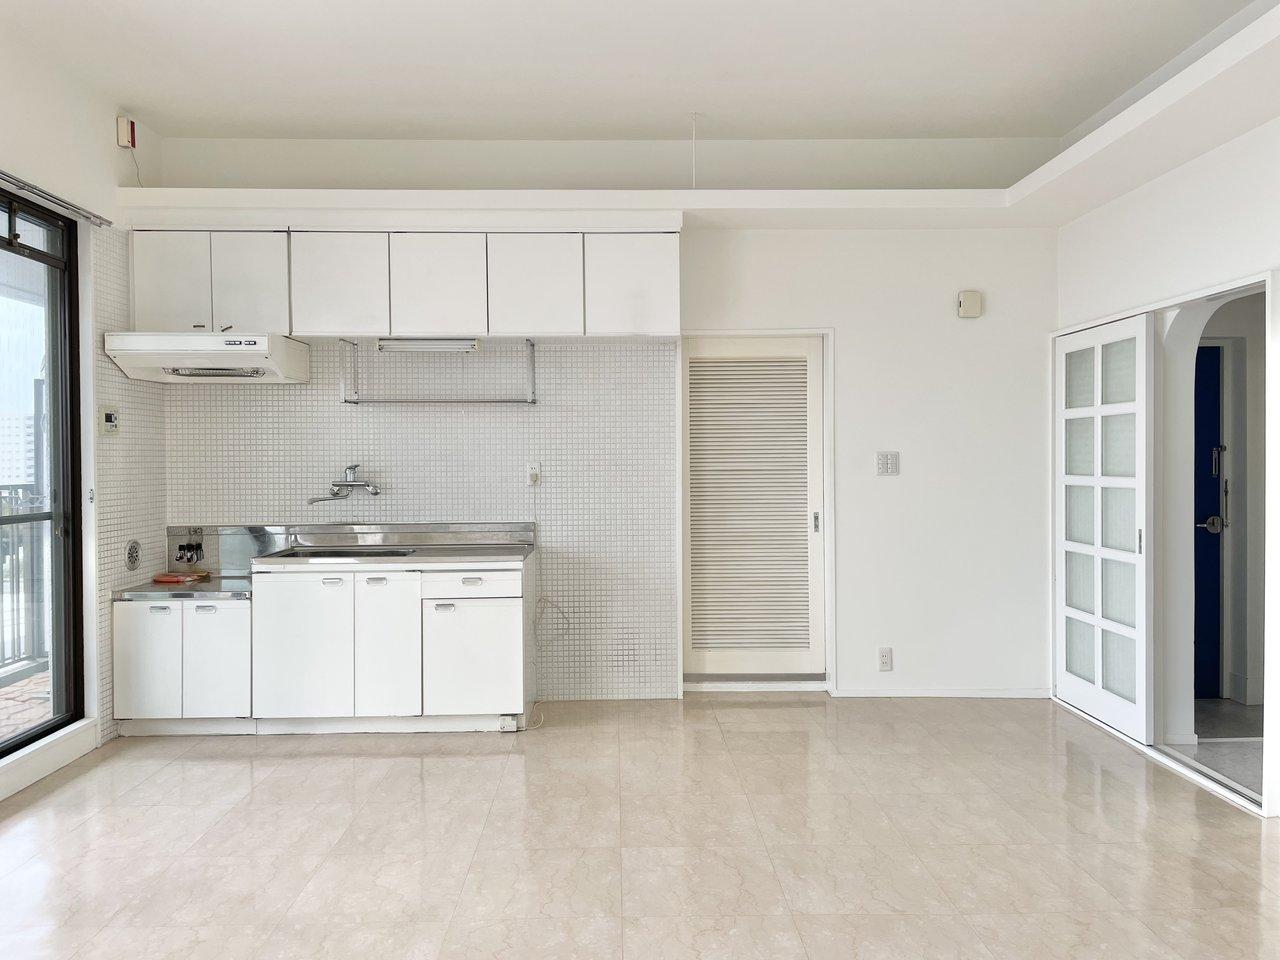 キッチンも大きい。手前にカウンターテーブルを置いて、カフェみたいな暮らし方がしたいです。